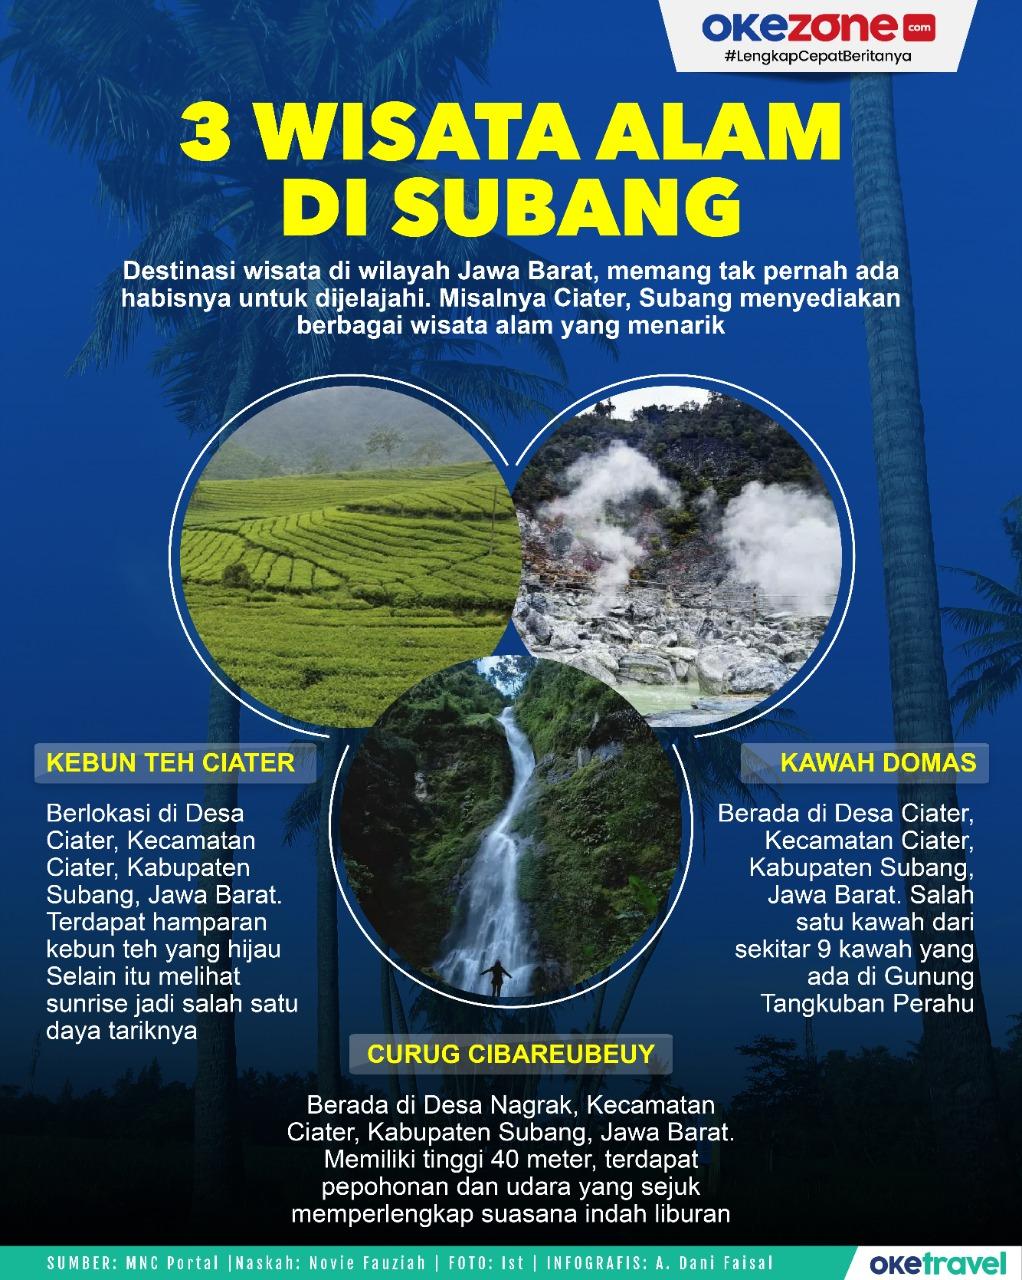 3 Wisata Alam di Subang, Jawa Barat -